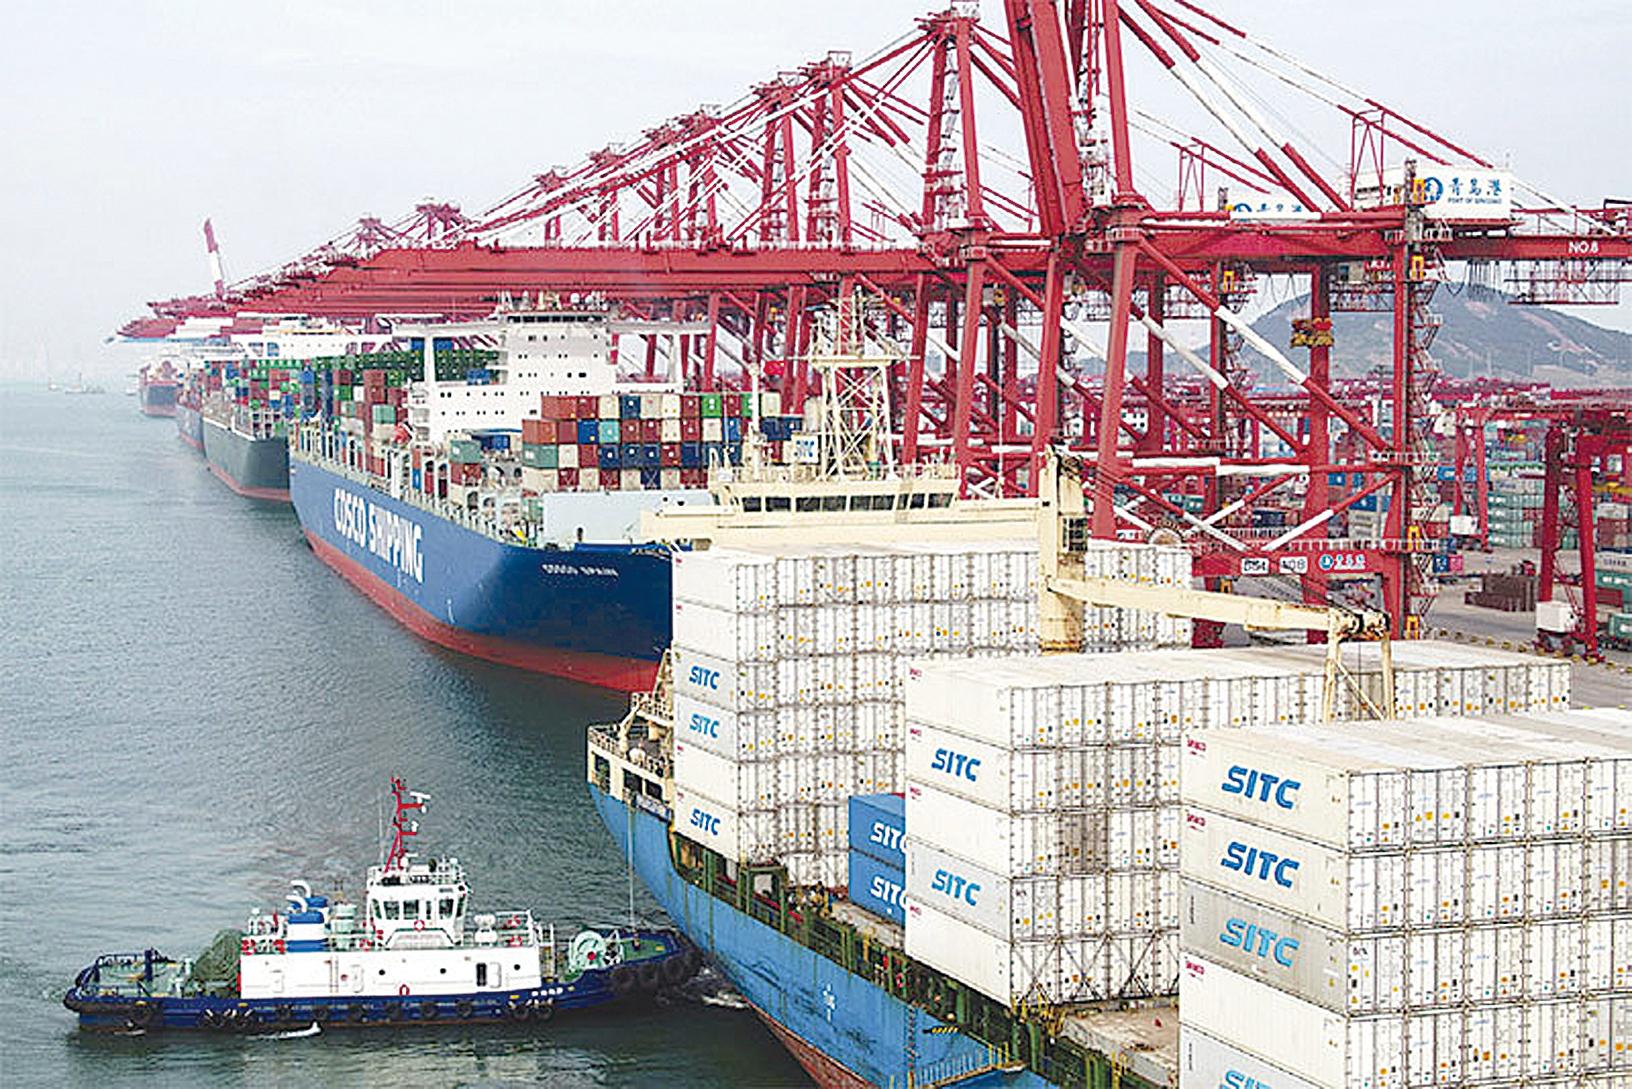 克魯明教授的貿易戰美國必敗論,沒有足夠證據,也不令人信服。圖為今年5月山東青島港的貨運船隻。(Getty Images)